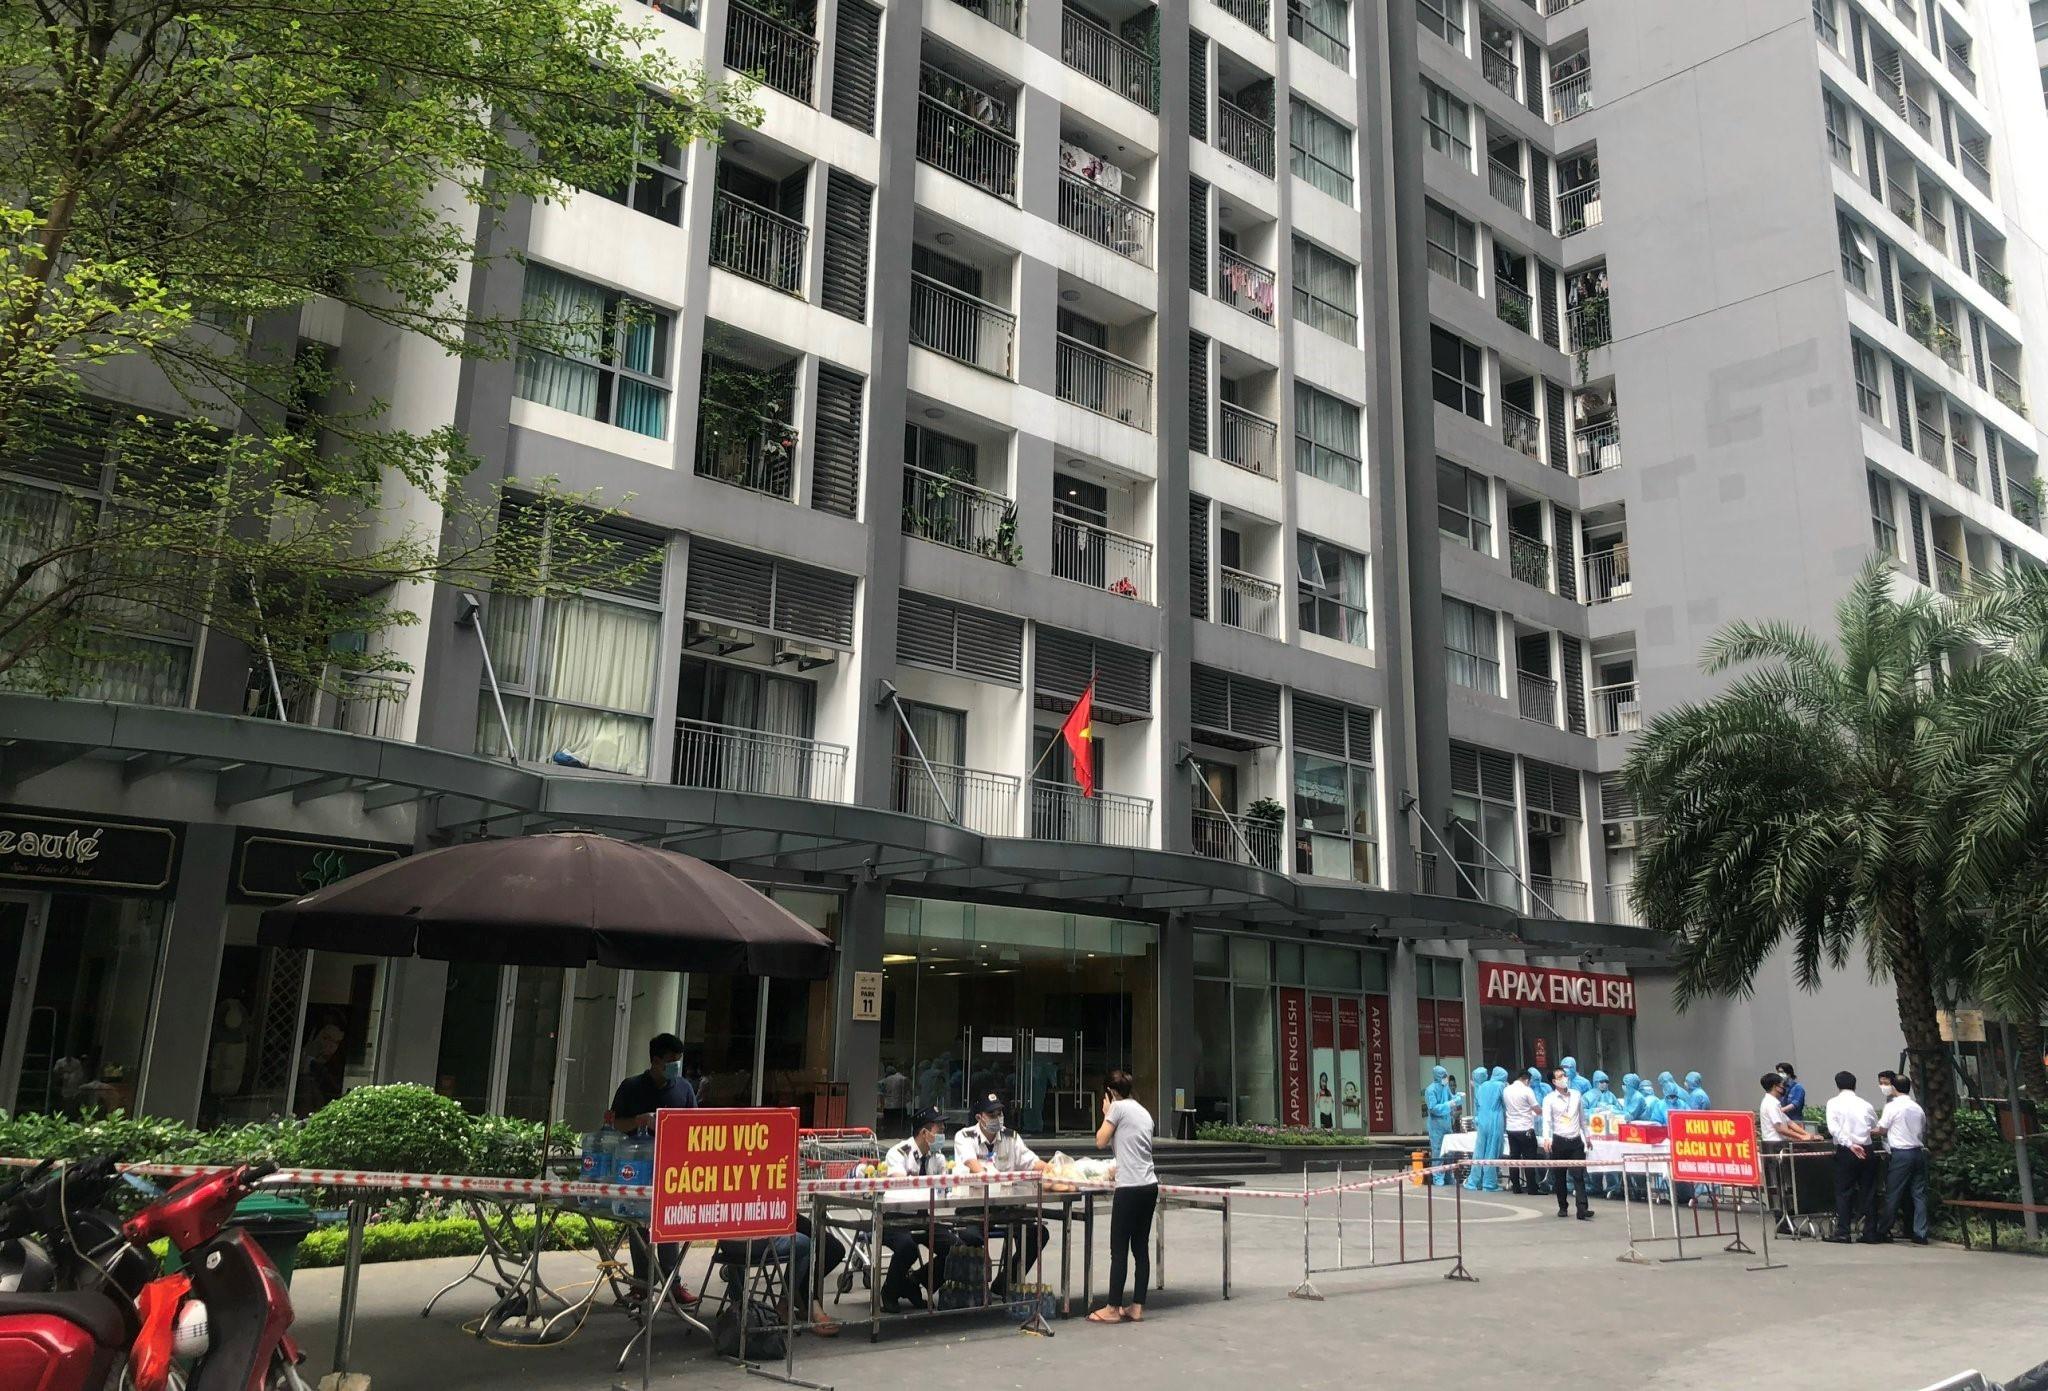 Cách chống dịch xét nghiệm nhanh, phong tỏa hẹp ở chung cư Hà Nội